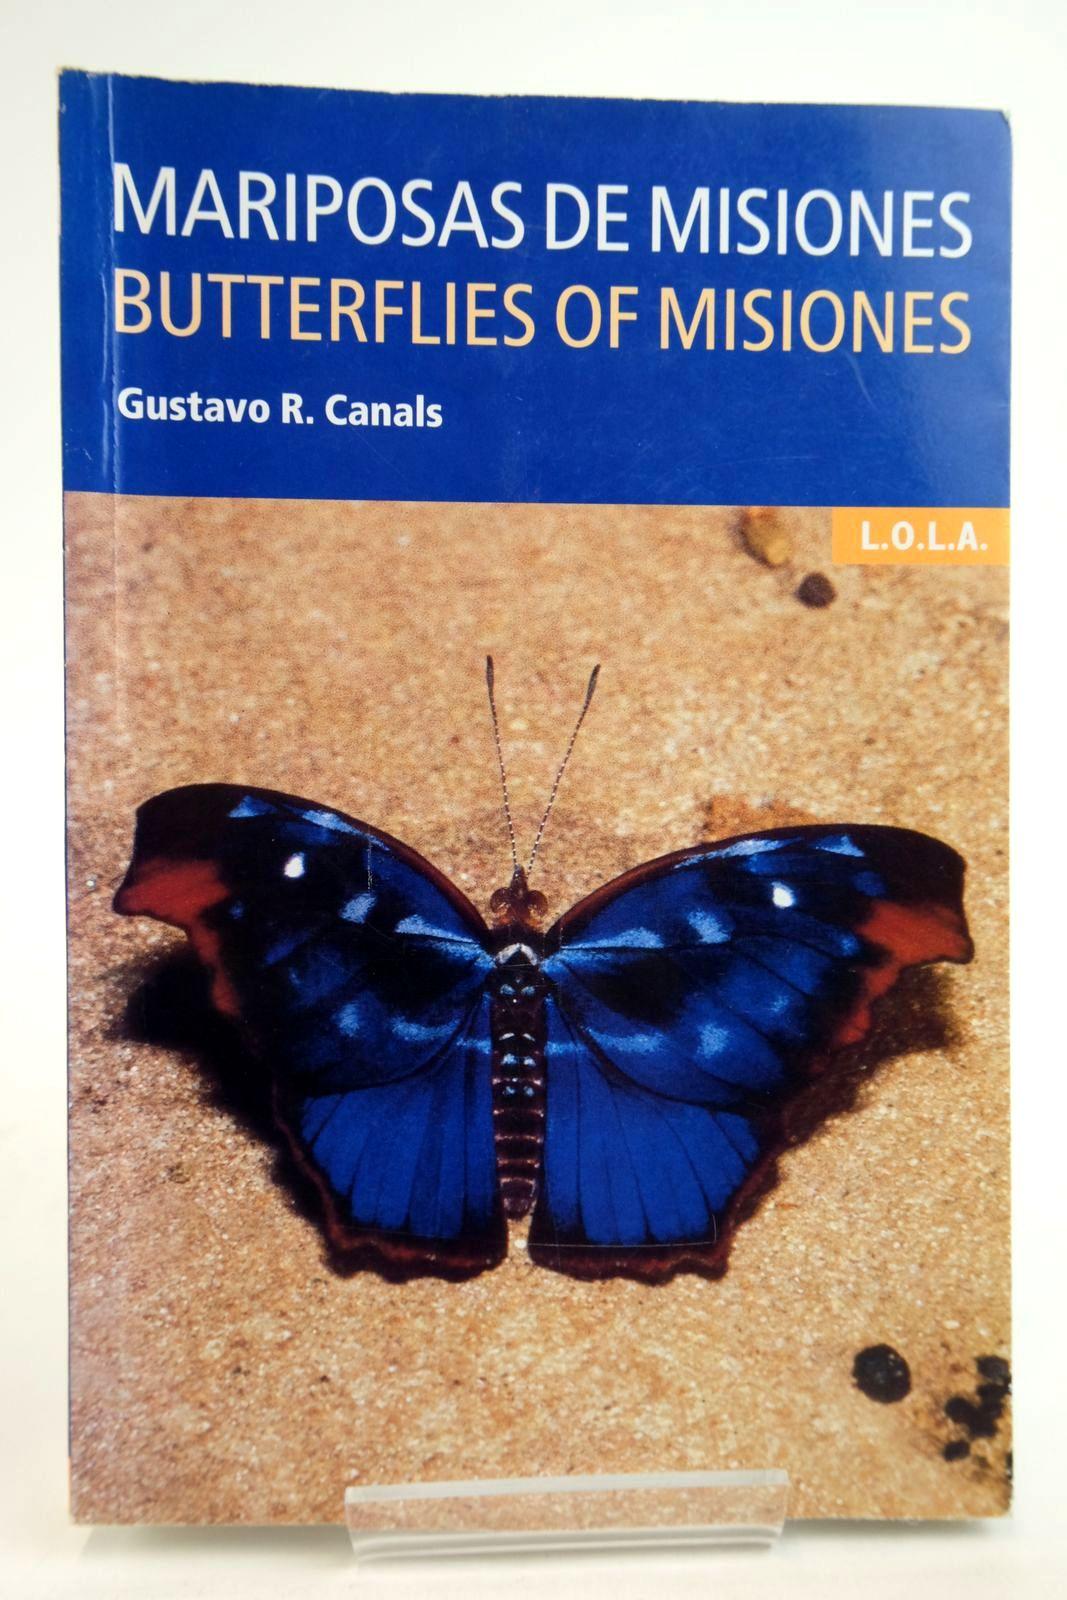 Photo of BUTTERFLIES OF MISIONES / MARIPOSAS DE MISIONES- Stock Number: 2135320